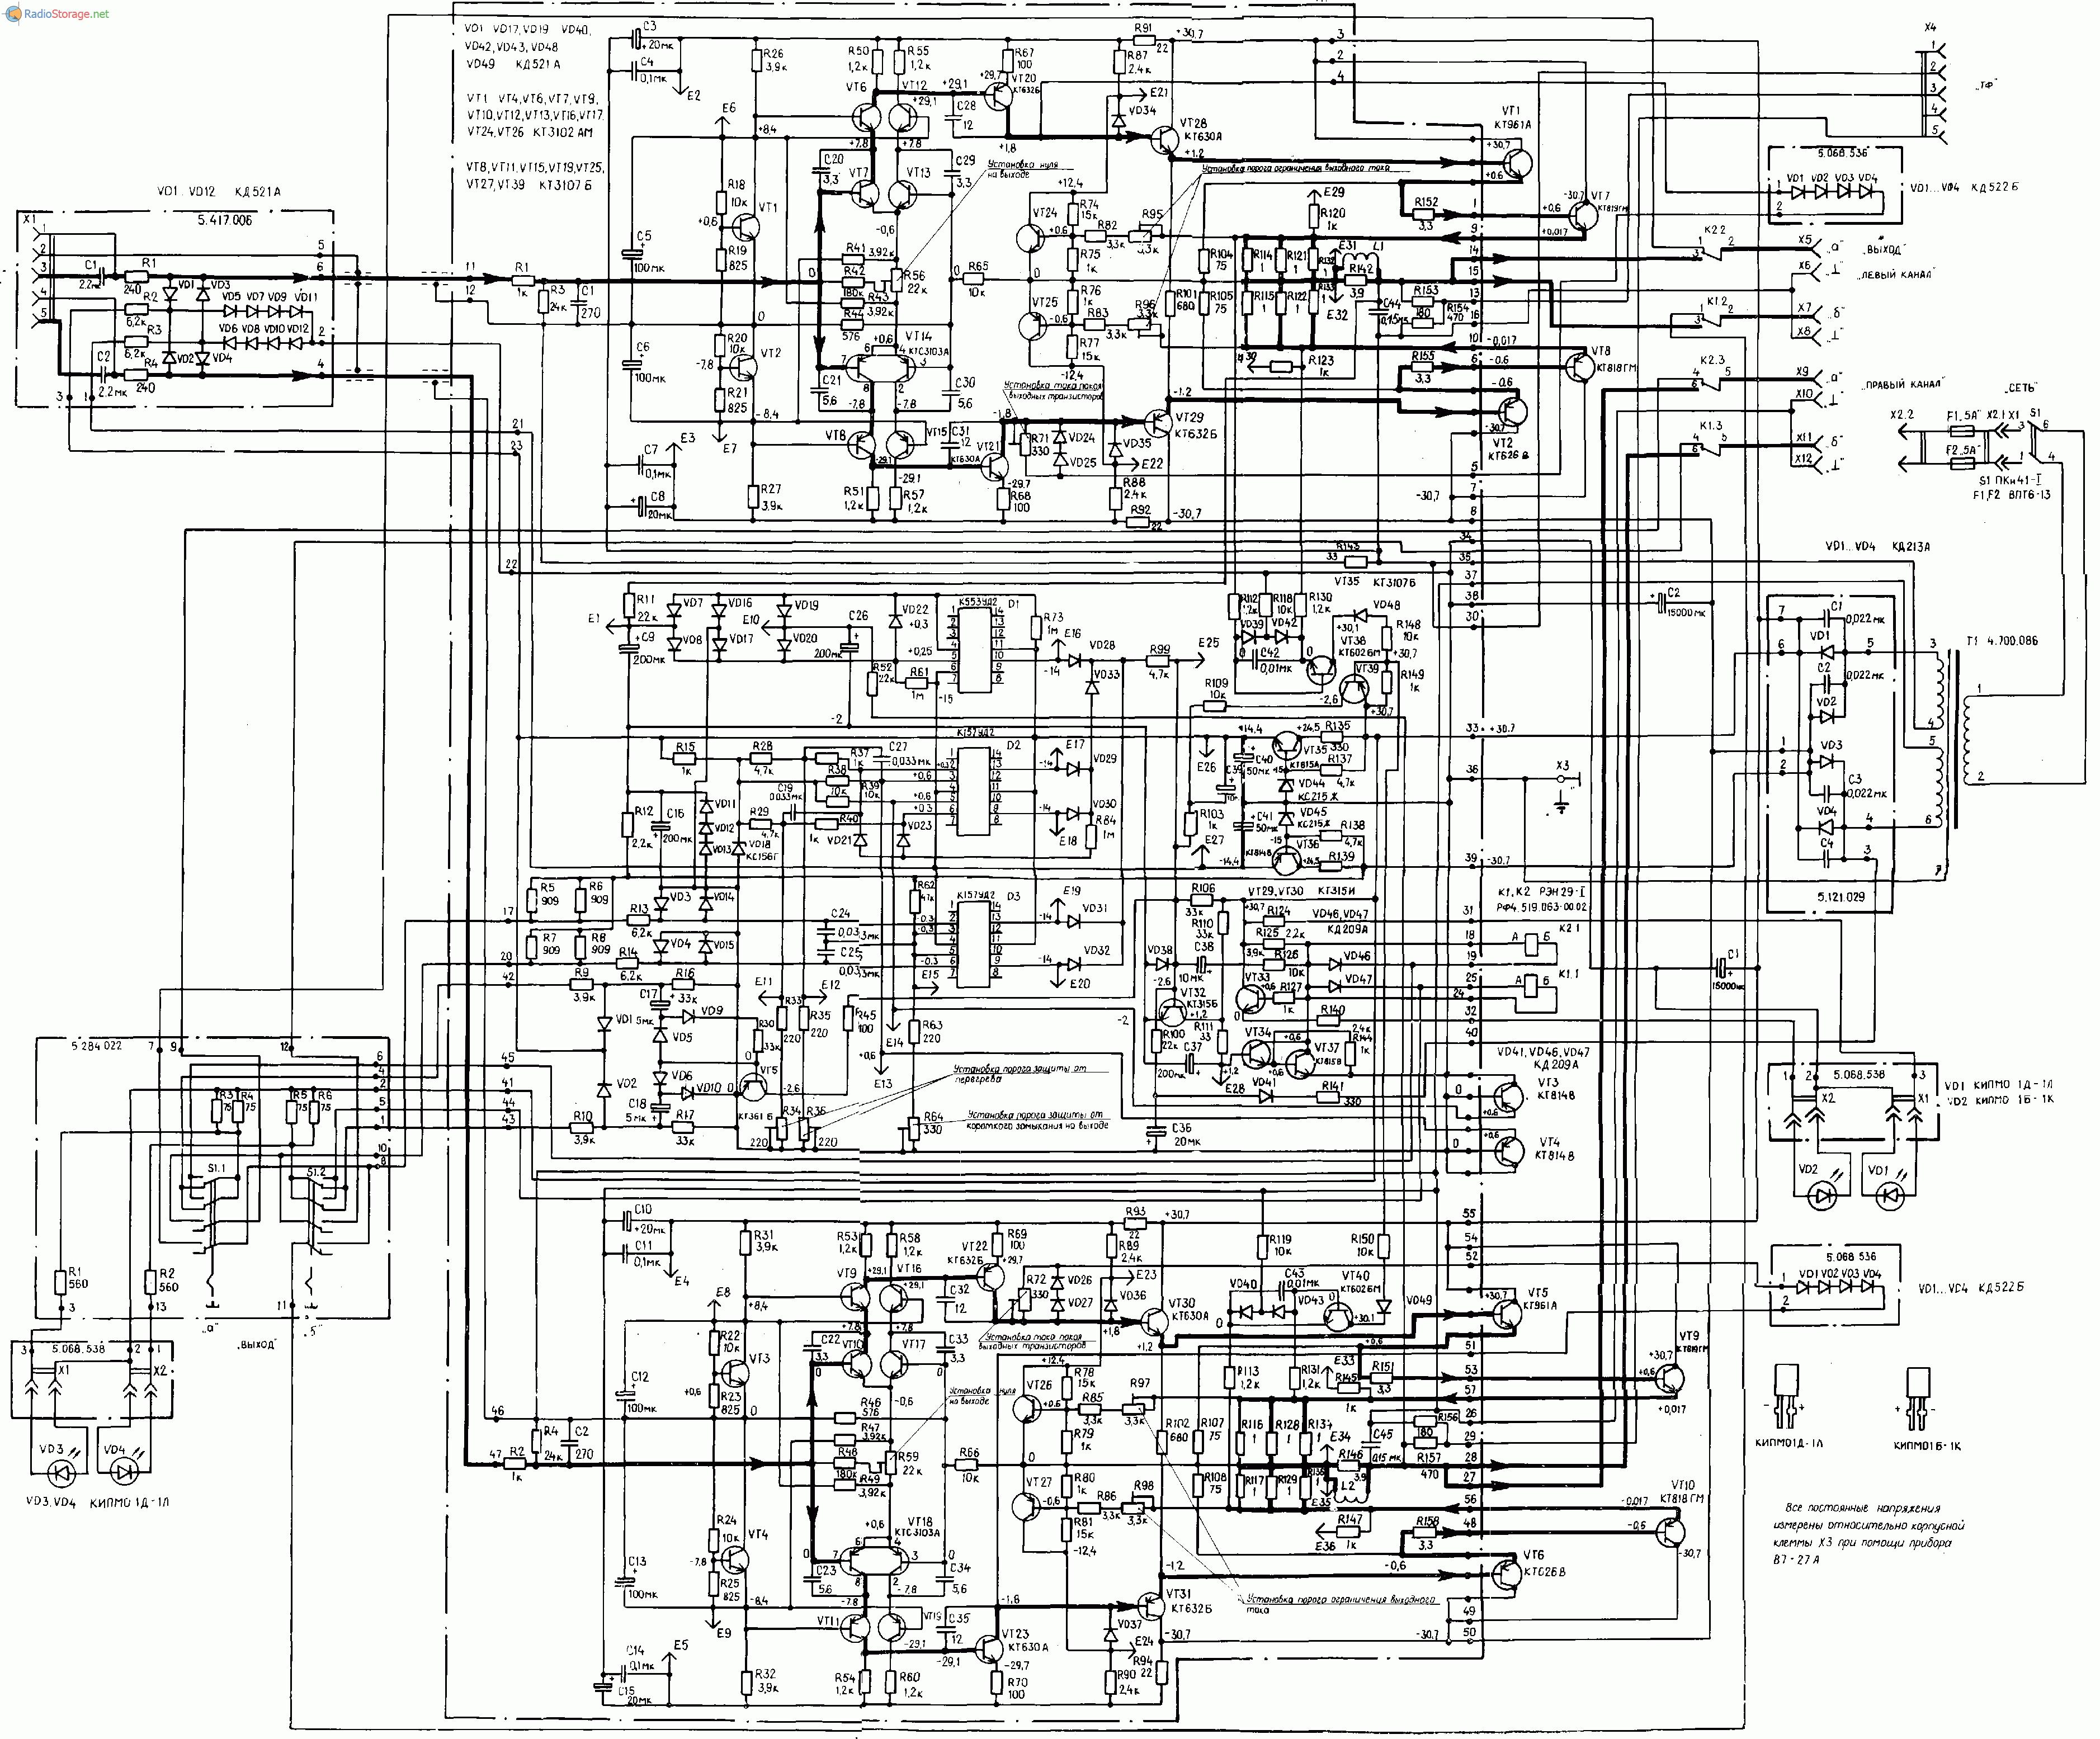 Усилитель Эстония-УМ-010 стерео, схема